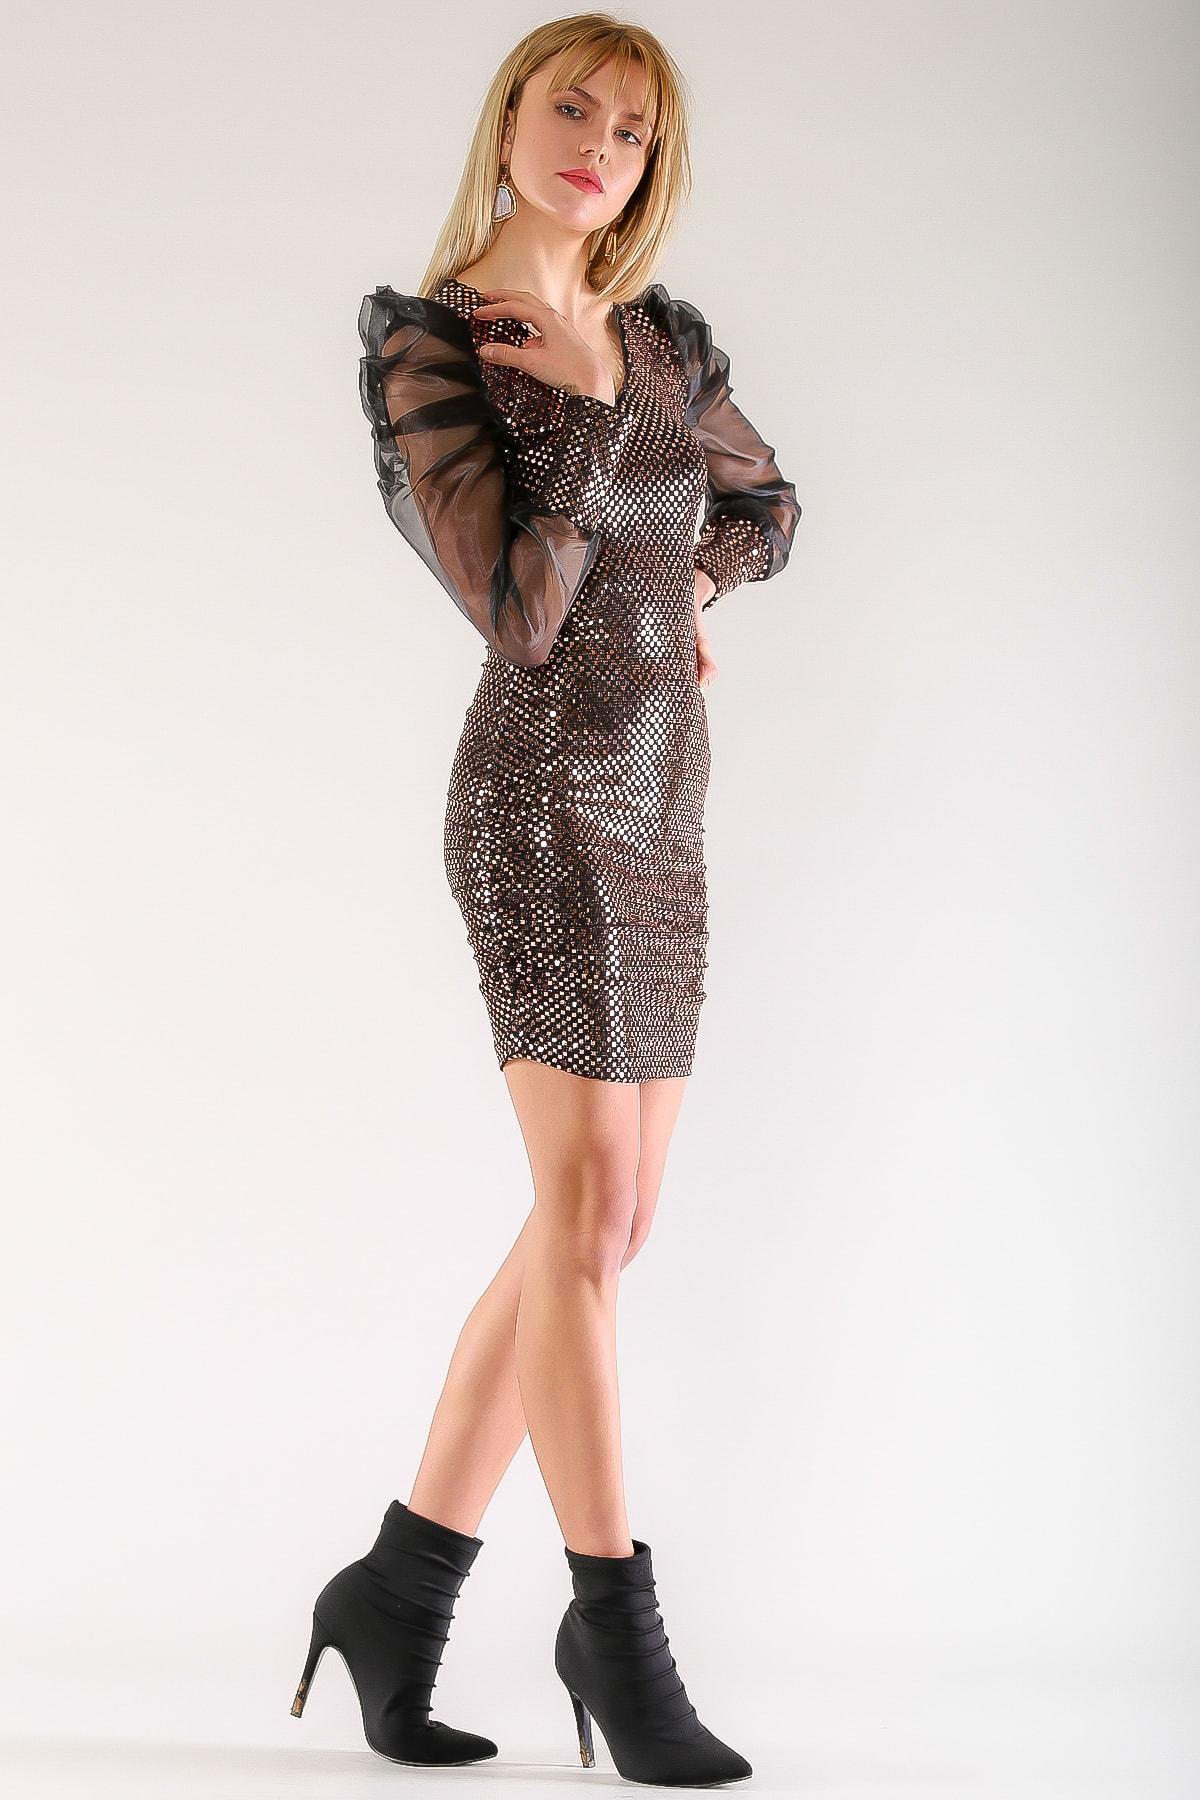 Chiccy Kadın Bakır Vintage Organze Balon Kol Işıltılı Elbise M10160000EL97480